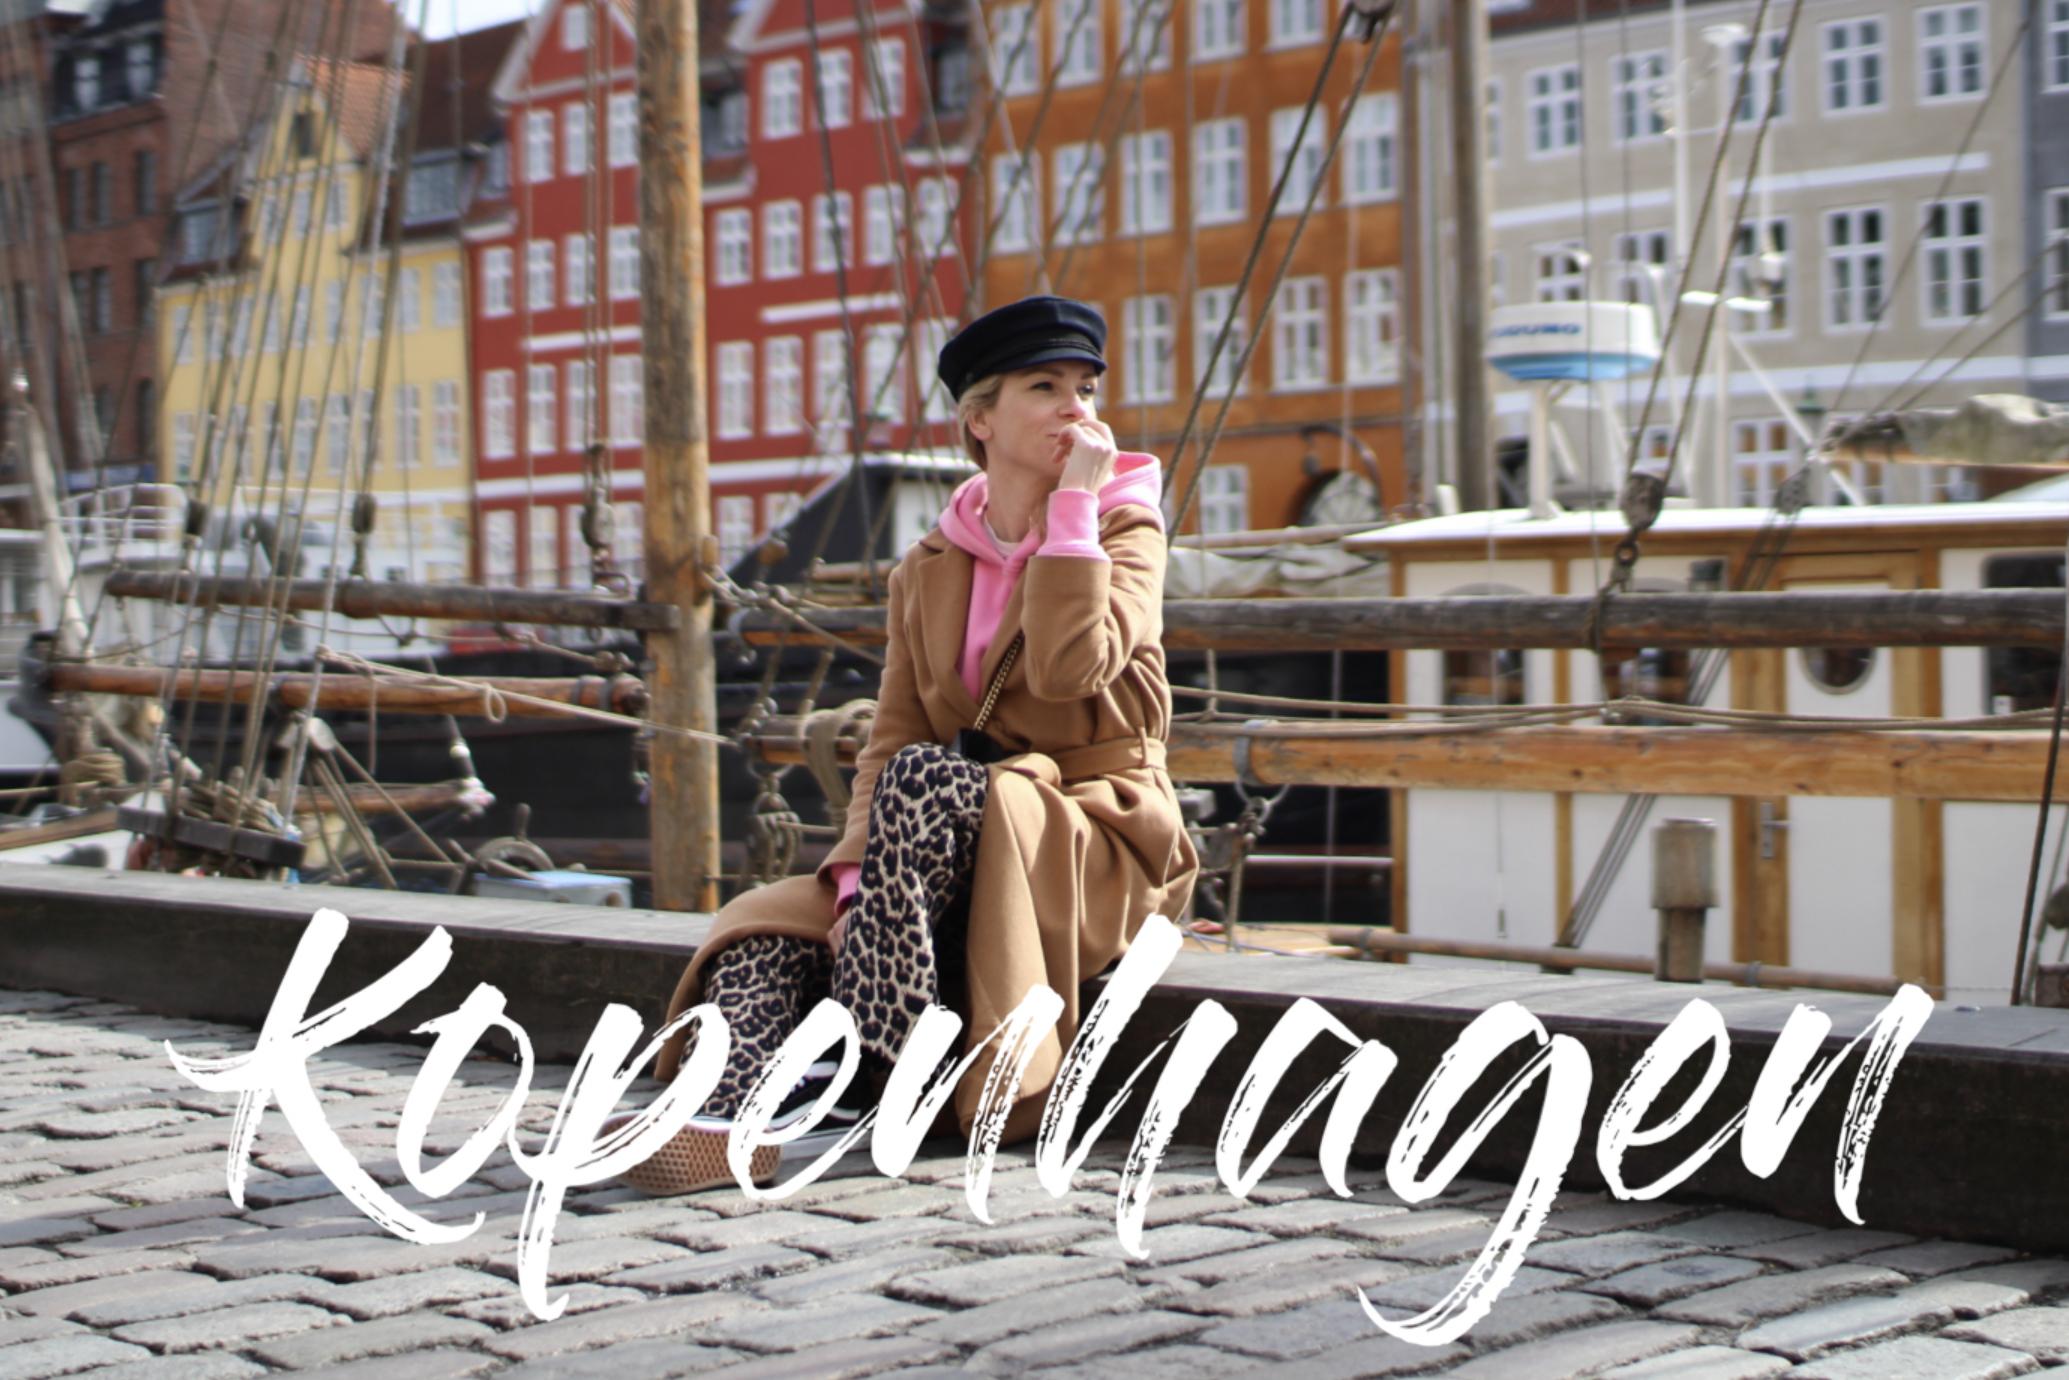 Kopenhagen TESSTED